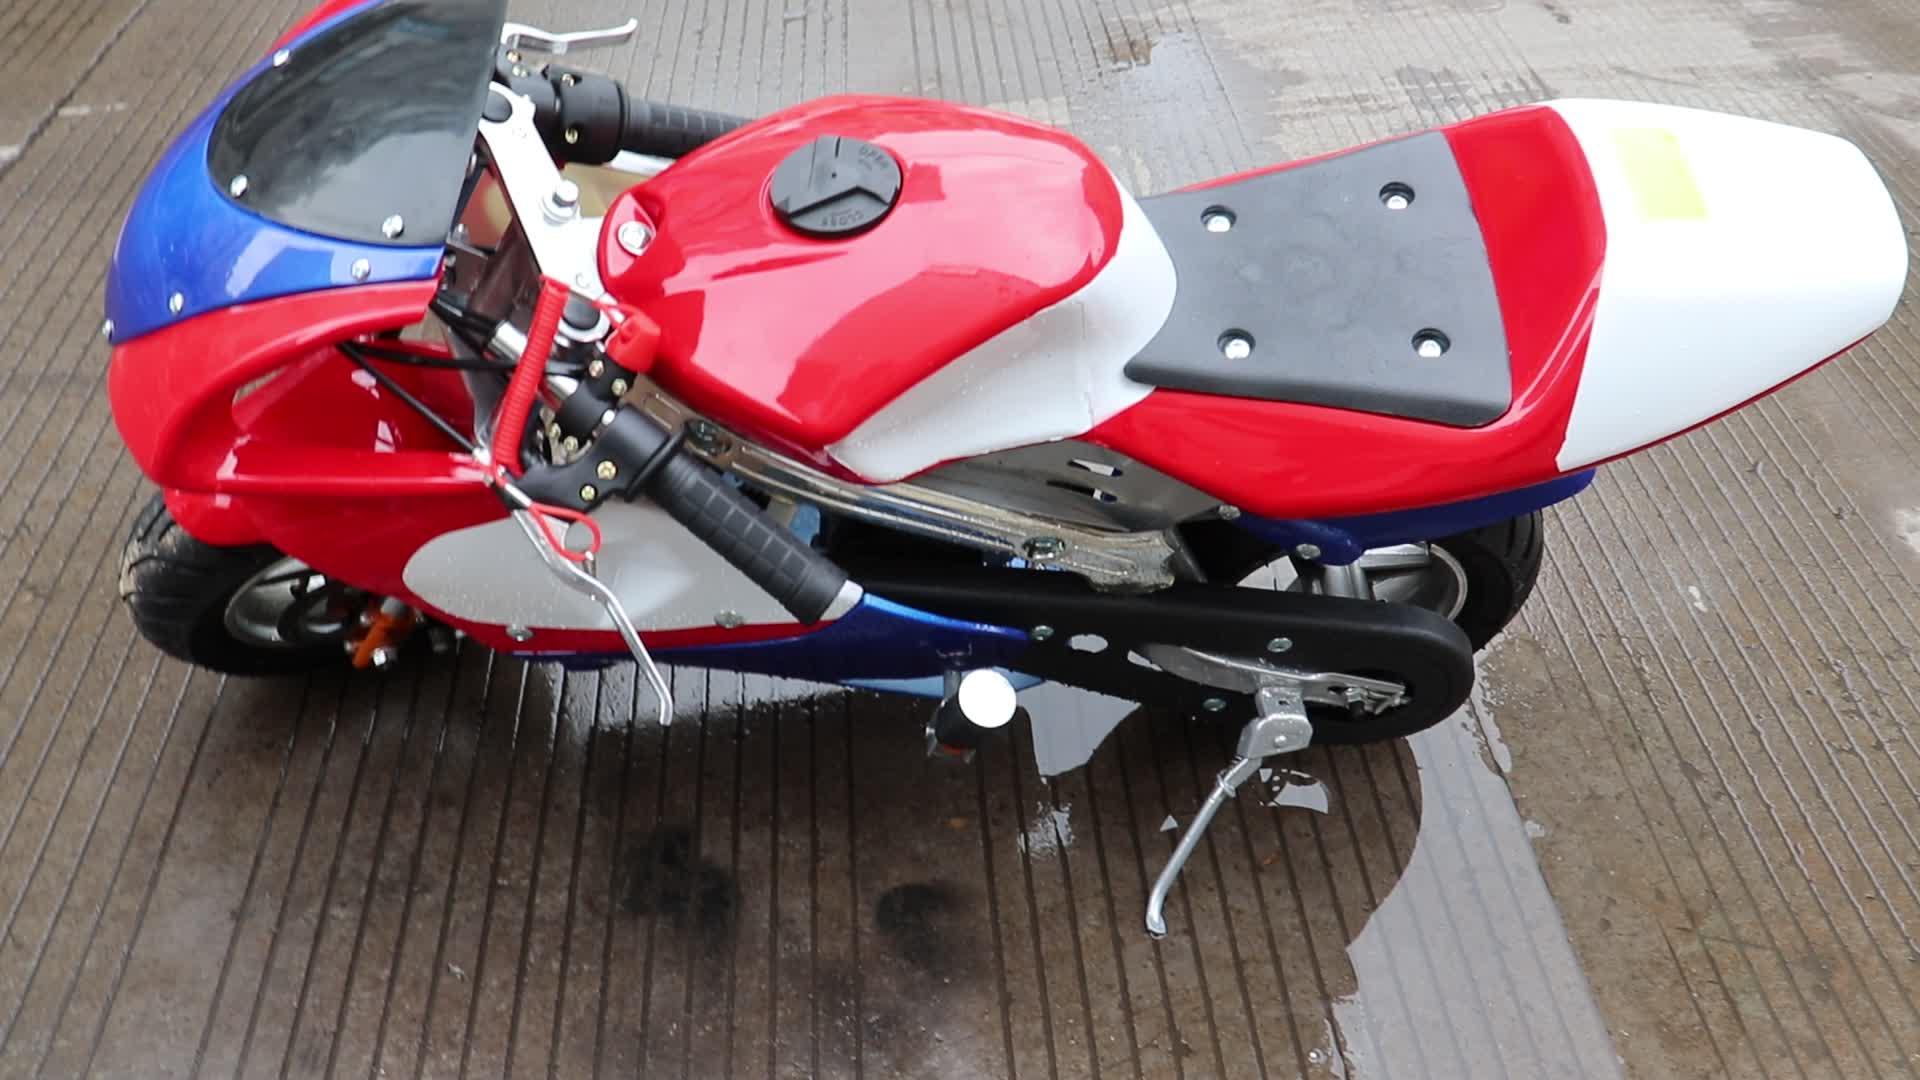 Andere Motorfietsen fabriek verkopen Hoge kwaliteit en beste prijs mini moto pocket bike 49cc 50cc 2 takt airl koeling voor kids